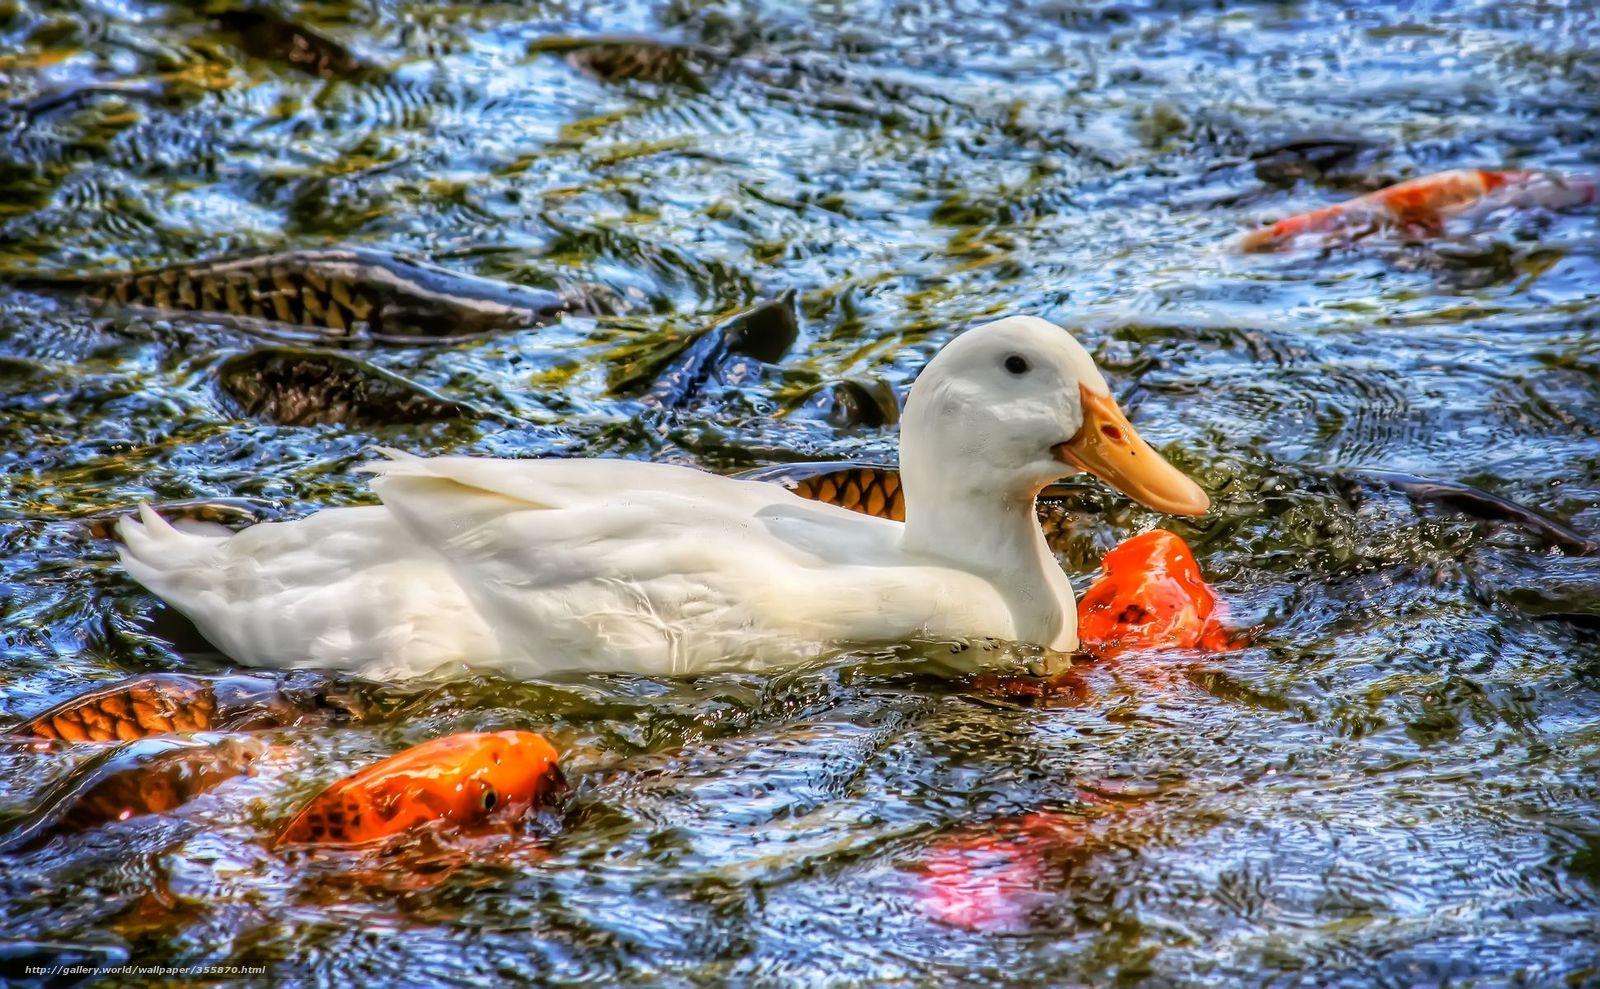 Download hintergrund ducken karpfen fisch koi freie for Carpa koi butterfly